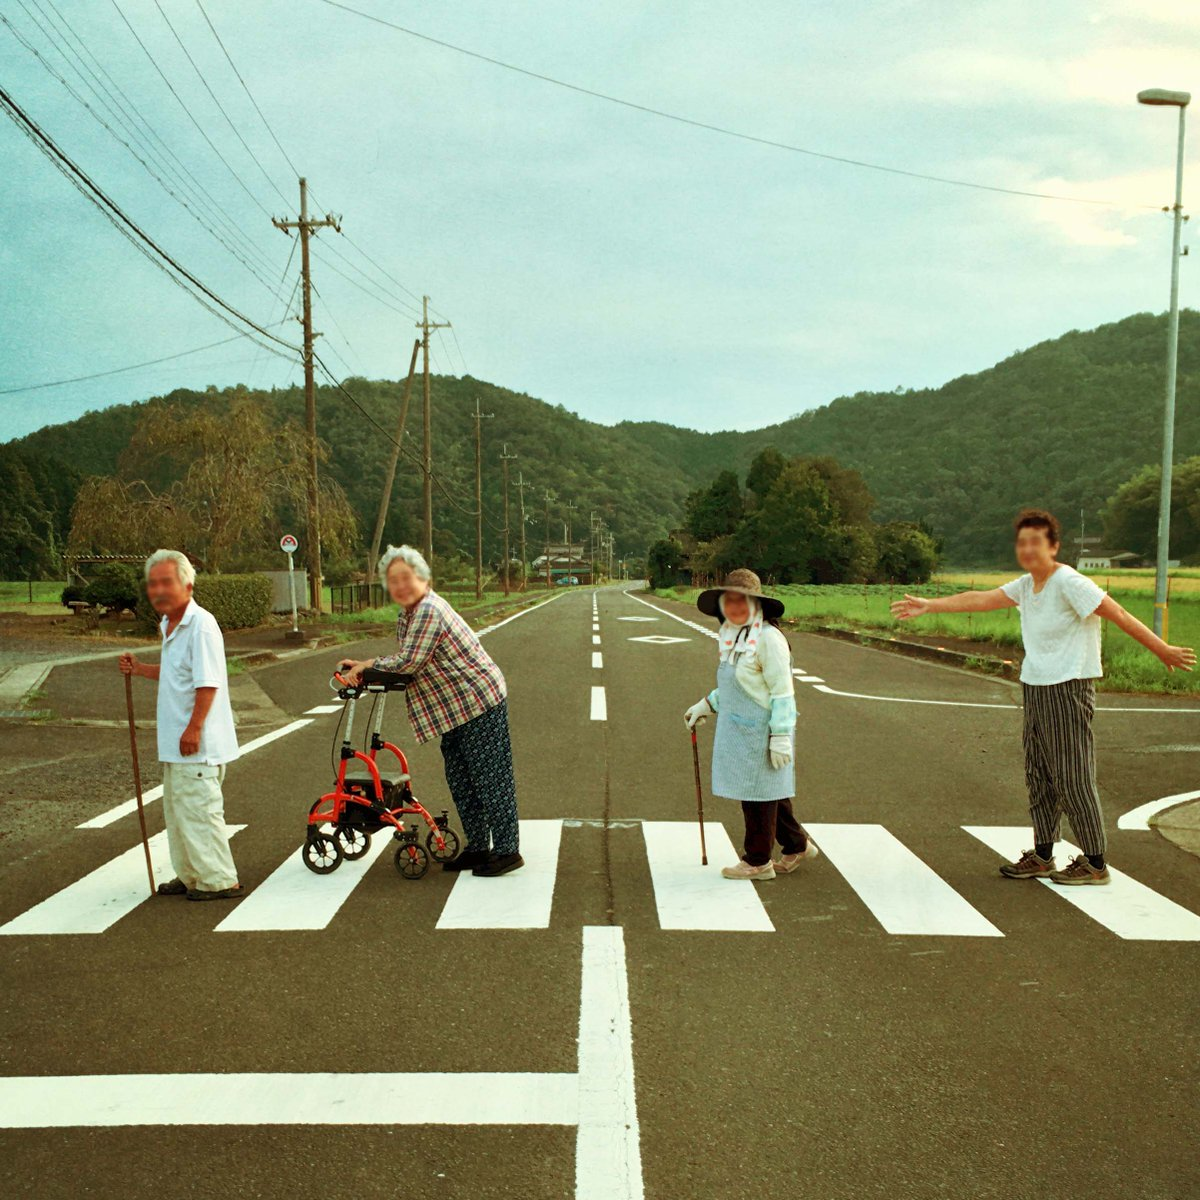 今日、みんなで散歩してたらめっちゃいい写真撮れた☺️  #ビートルズ #田舎